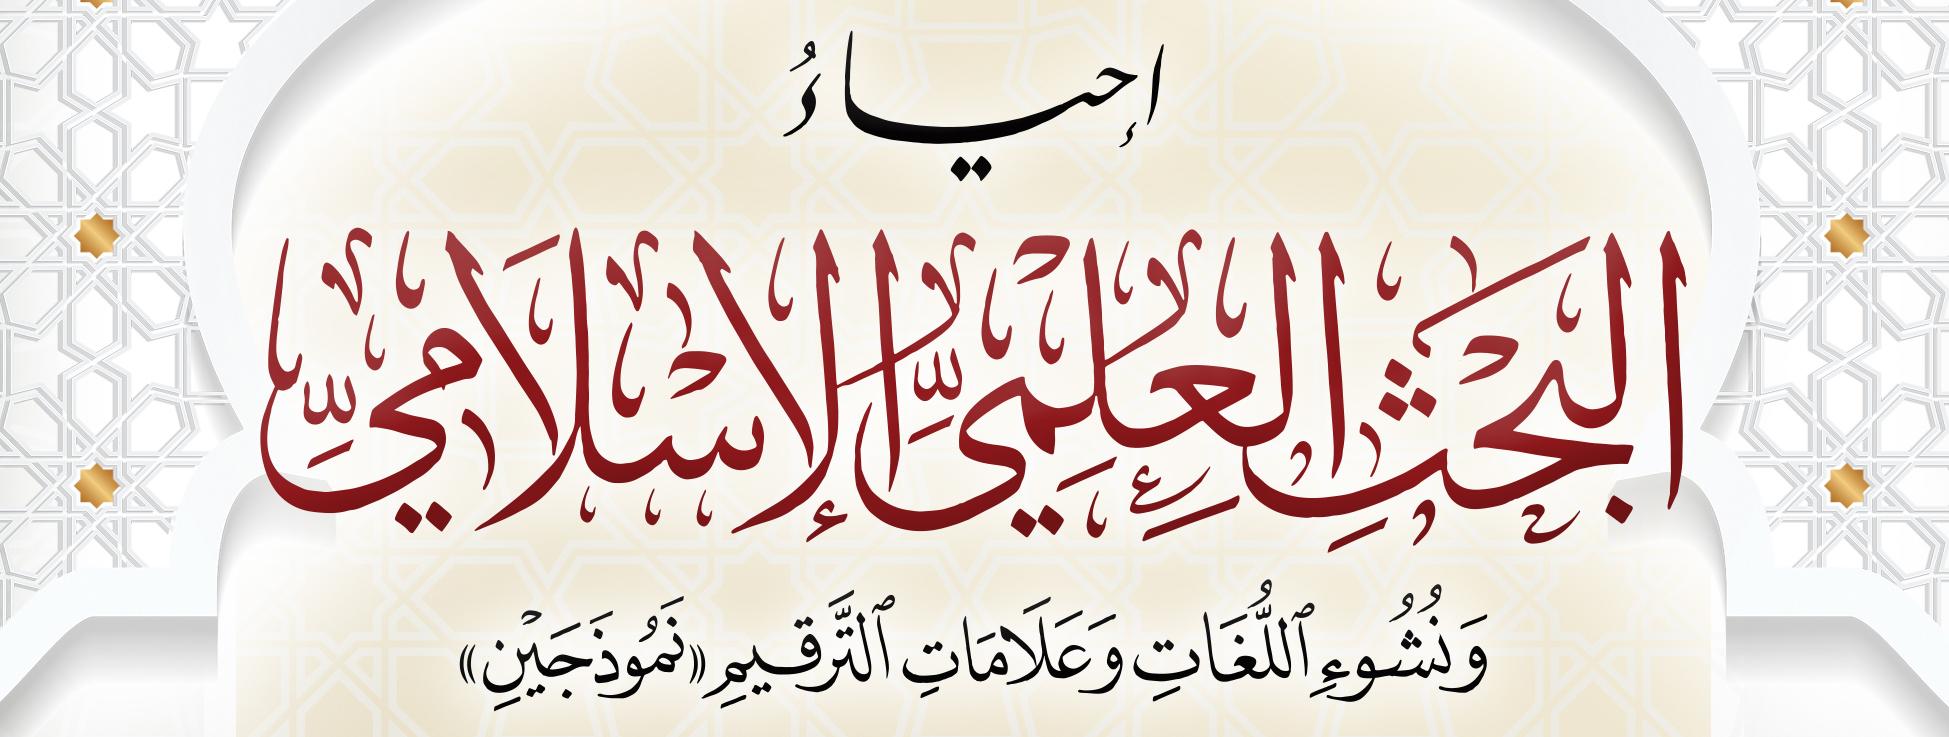 إحياء البحث العلمي الإسلامي